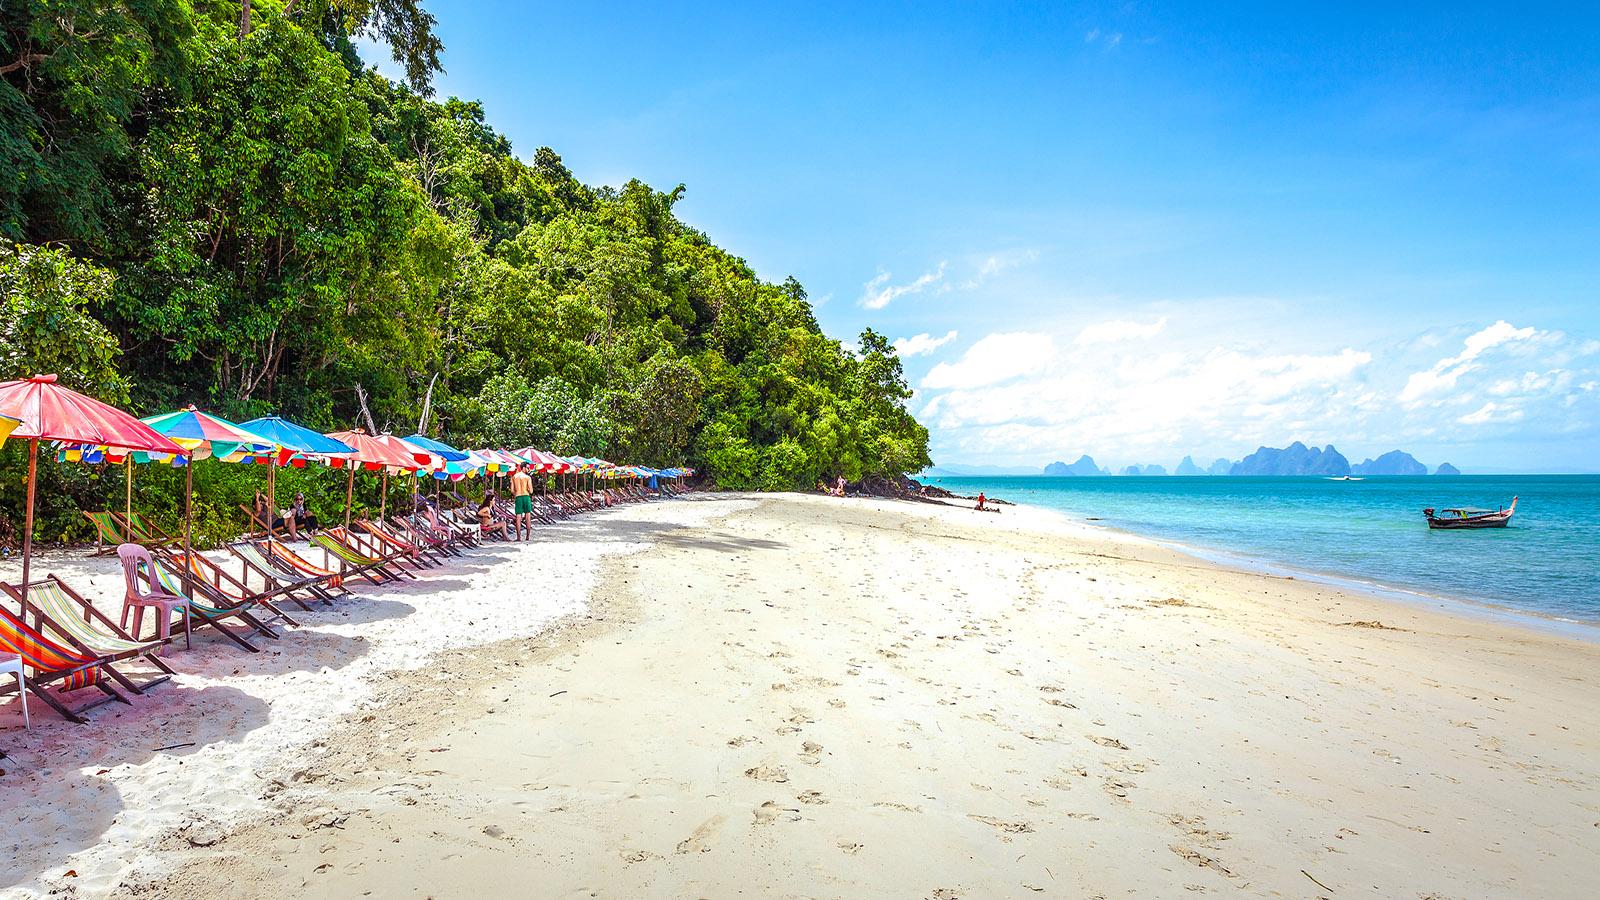 Naka island, Phuket Thailand